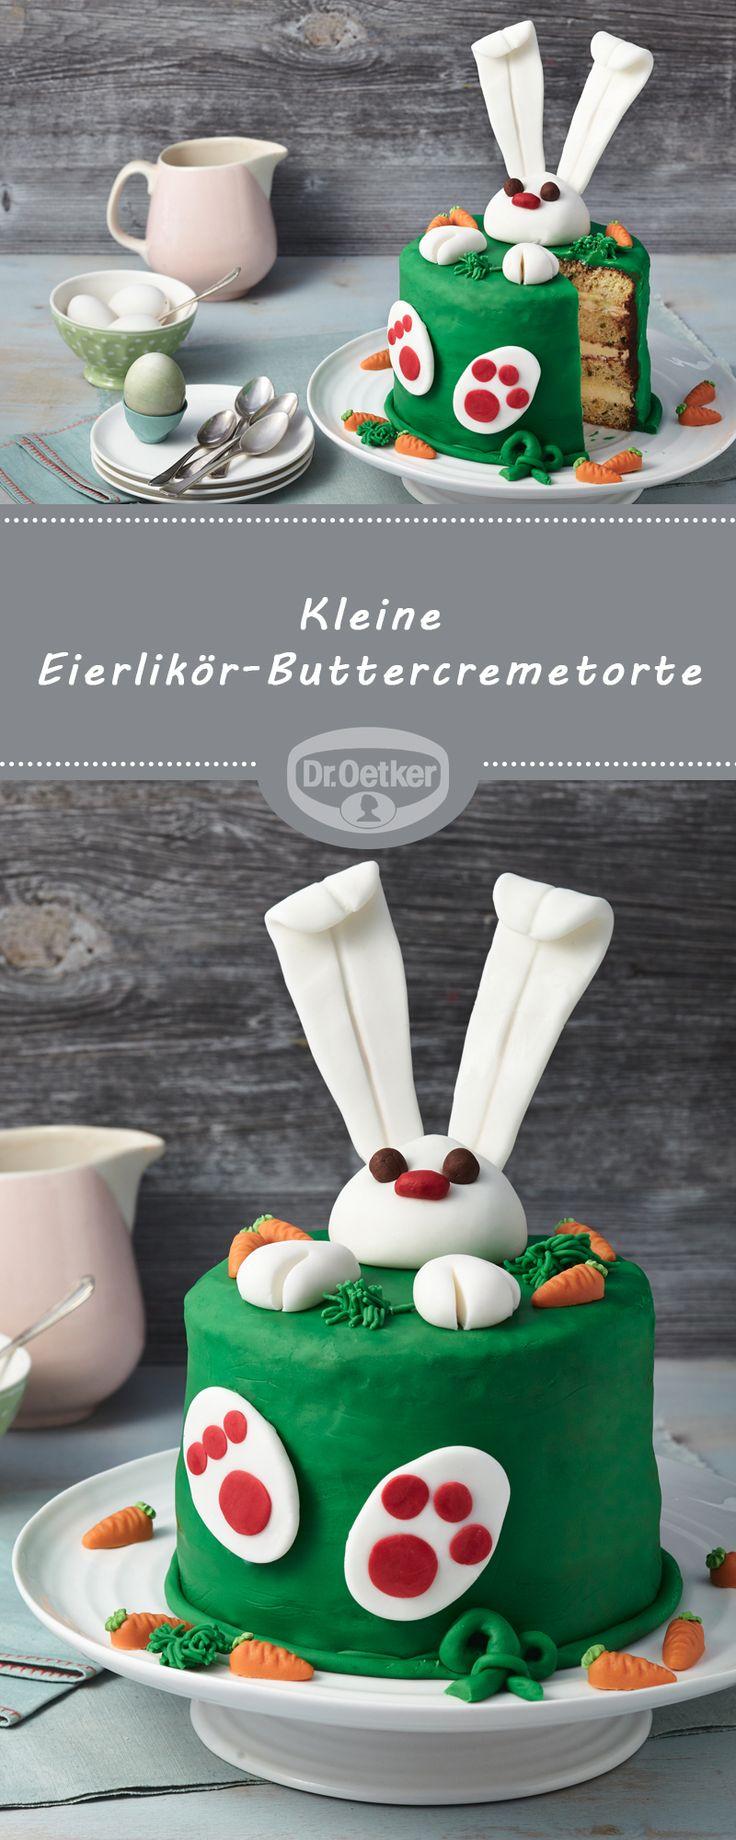 Kleine Eierlikör-Buttercremetorte: Wie Ostern schmeckt? Nach Eierlikör, Schokolade und dieser österlichen Fondanttorte #osterhase #ostern #rezept